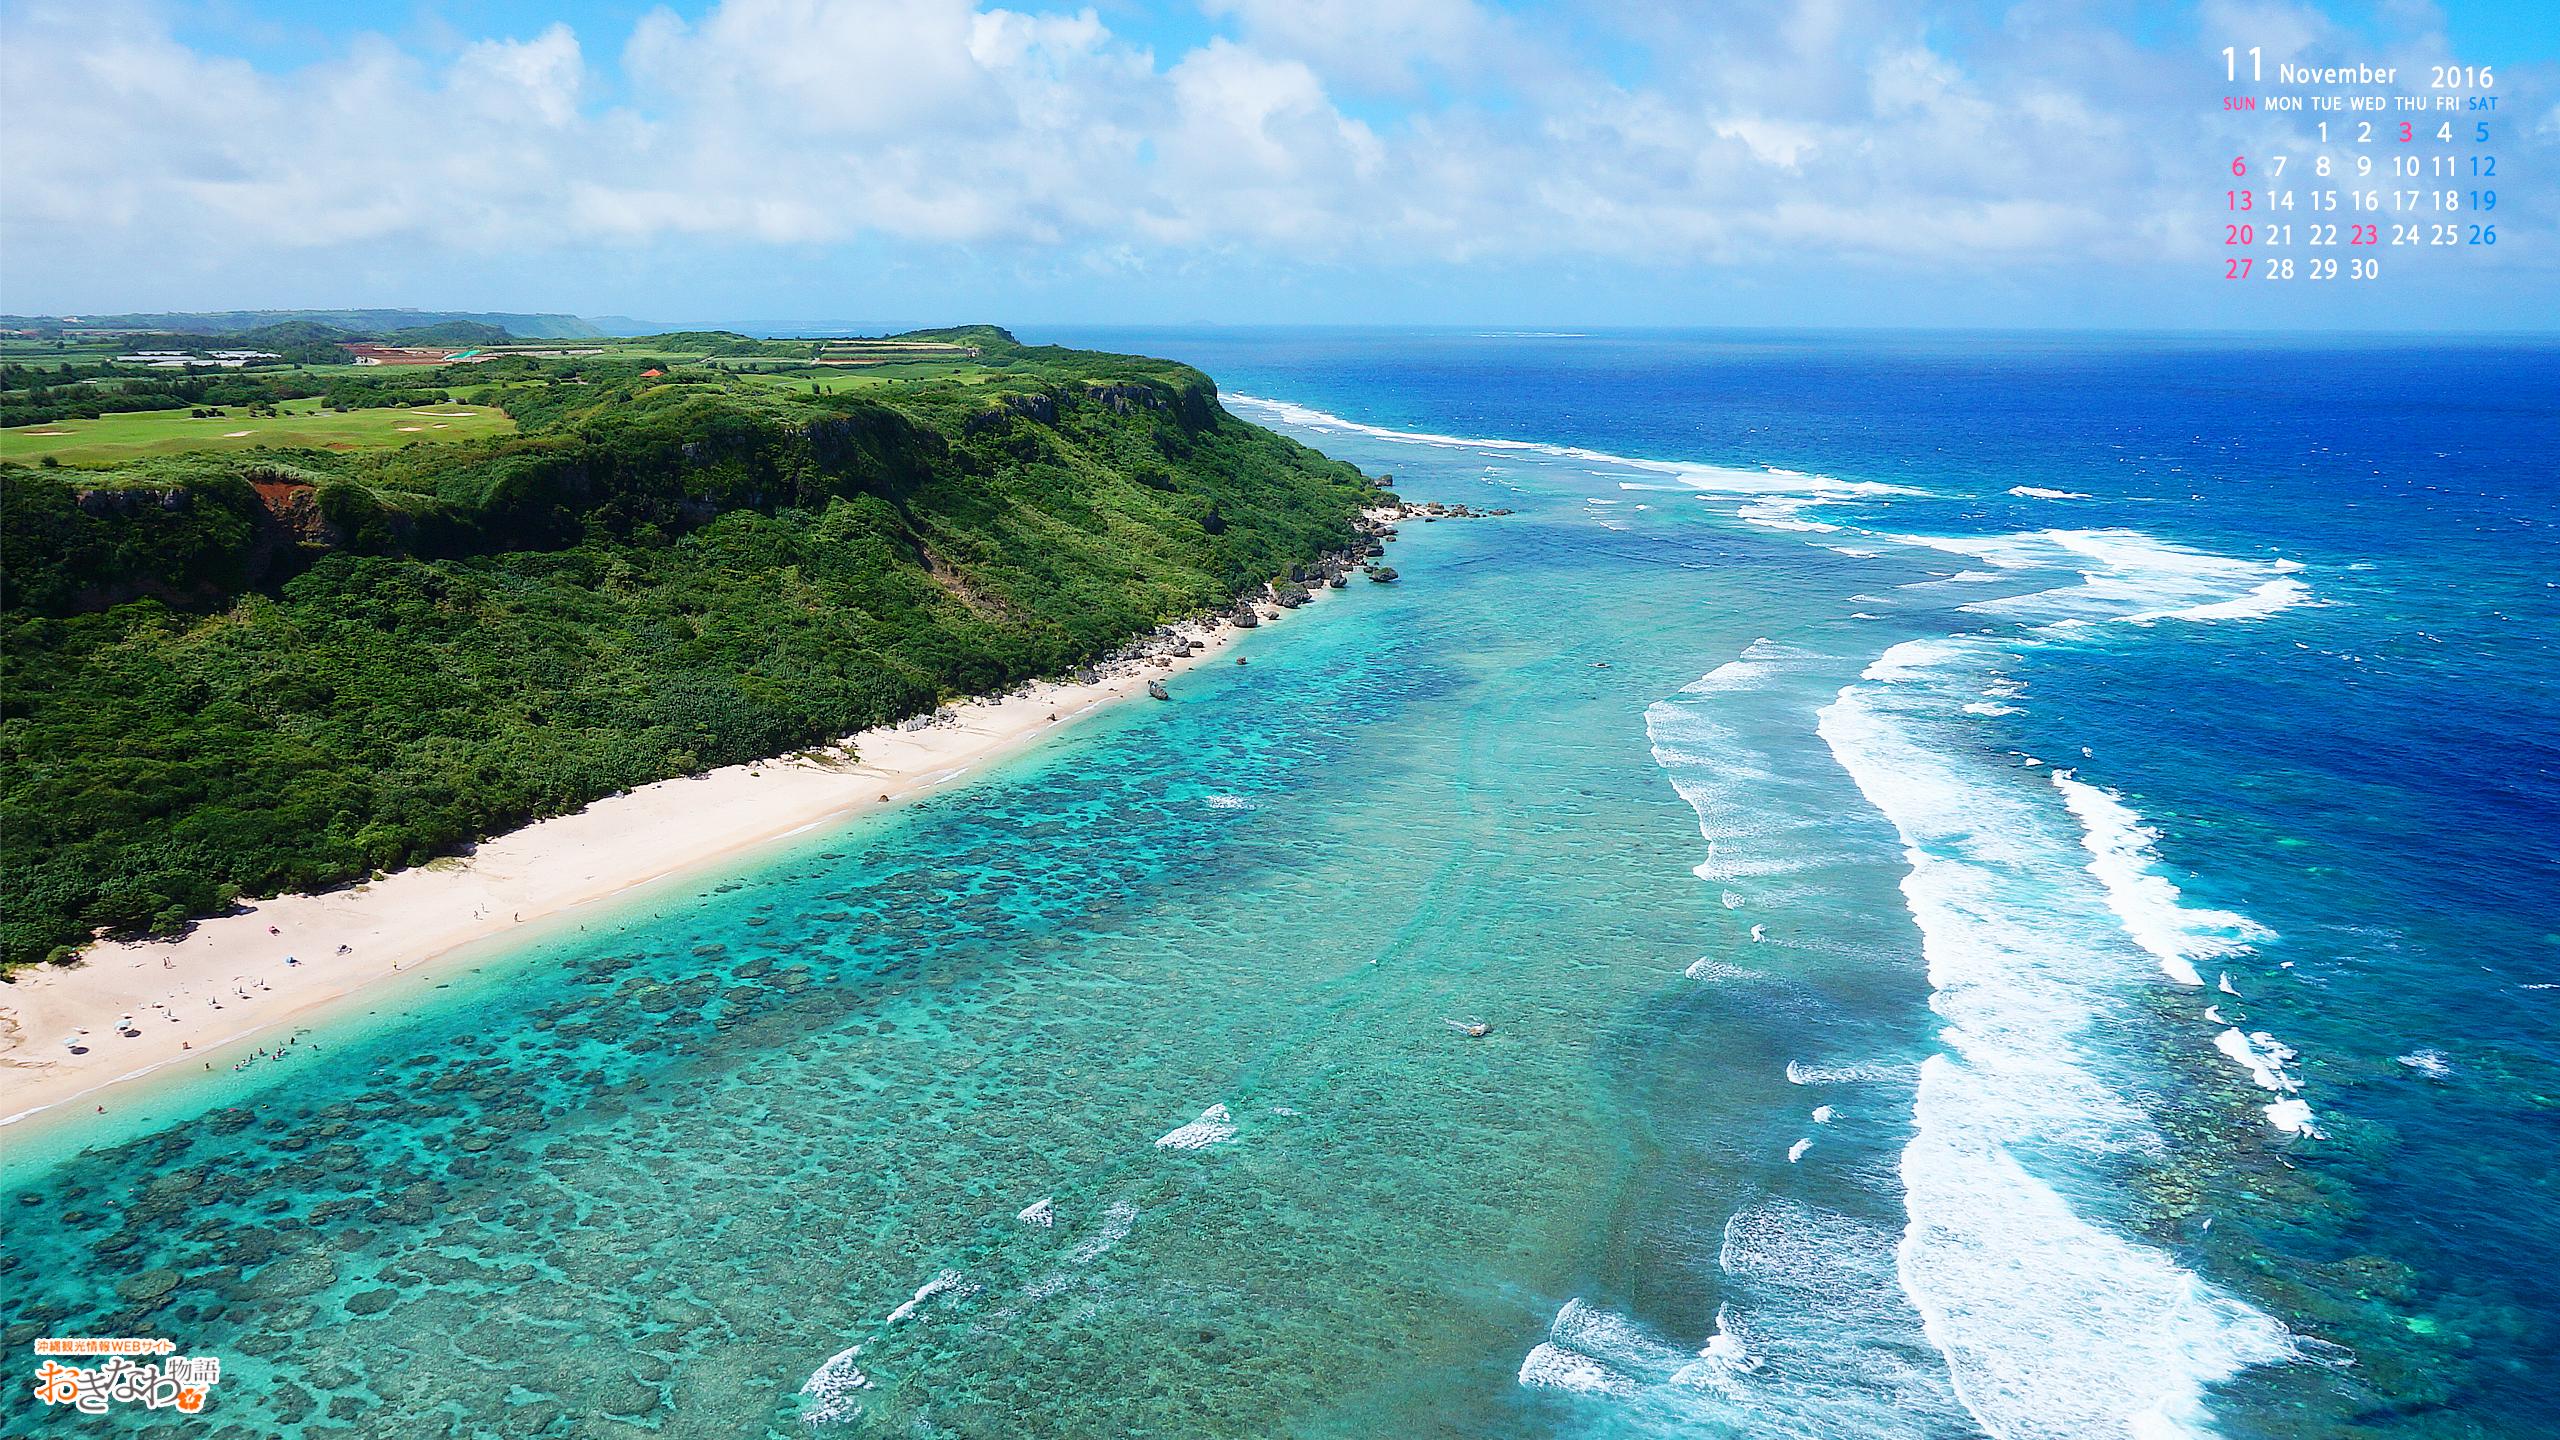 11月の壁紙カレンダー お知らせ トピックス 沖縄観光情報webサイト